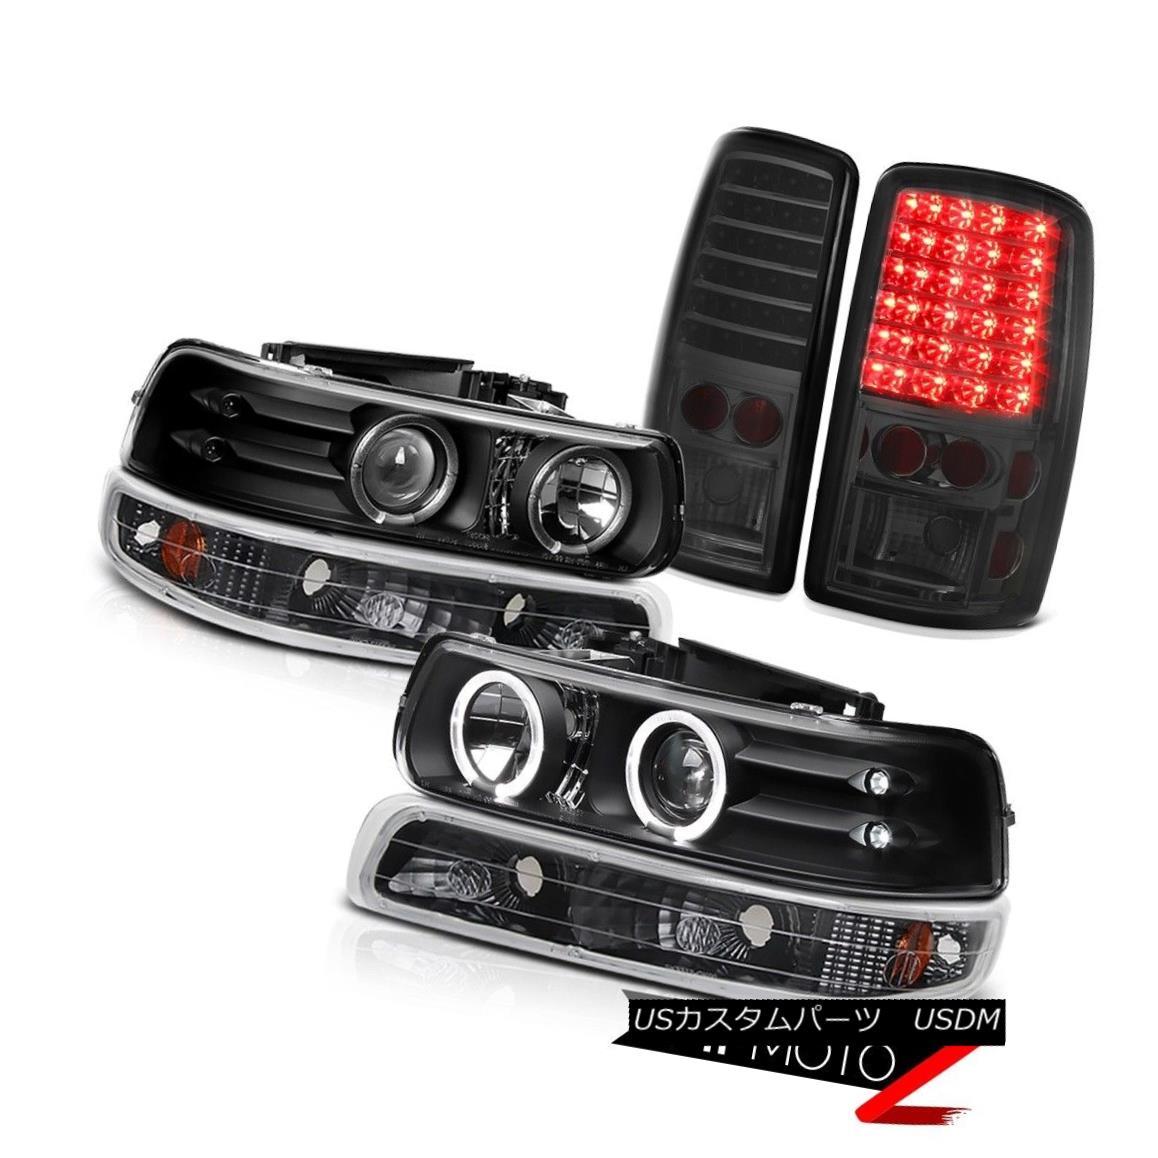 ヘッドライト 00 01 02 03 04 05 06 Suburban 5.7L Angel Eye Headlight Bumper Parking Tail Light 00 01 02 03 04 05 06郊外5.7Lエンジェルアイヘッドライトバンパー駐車テールライト